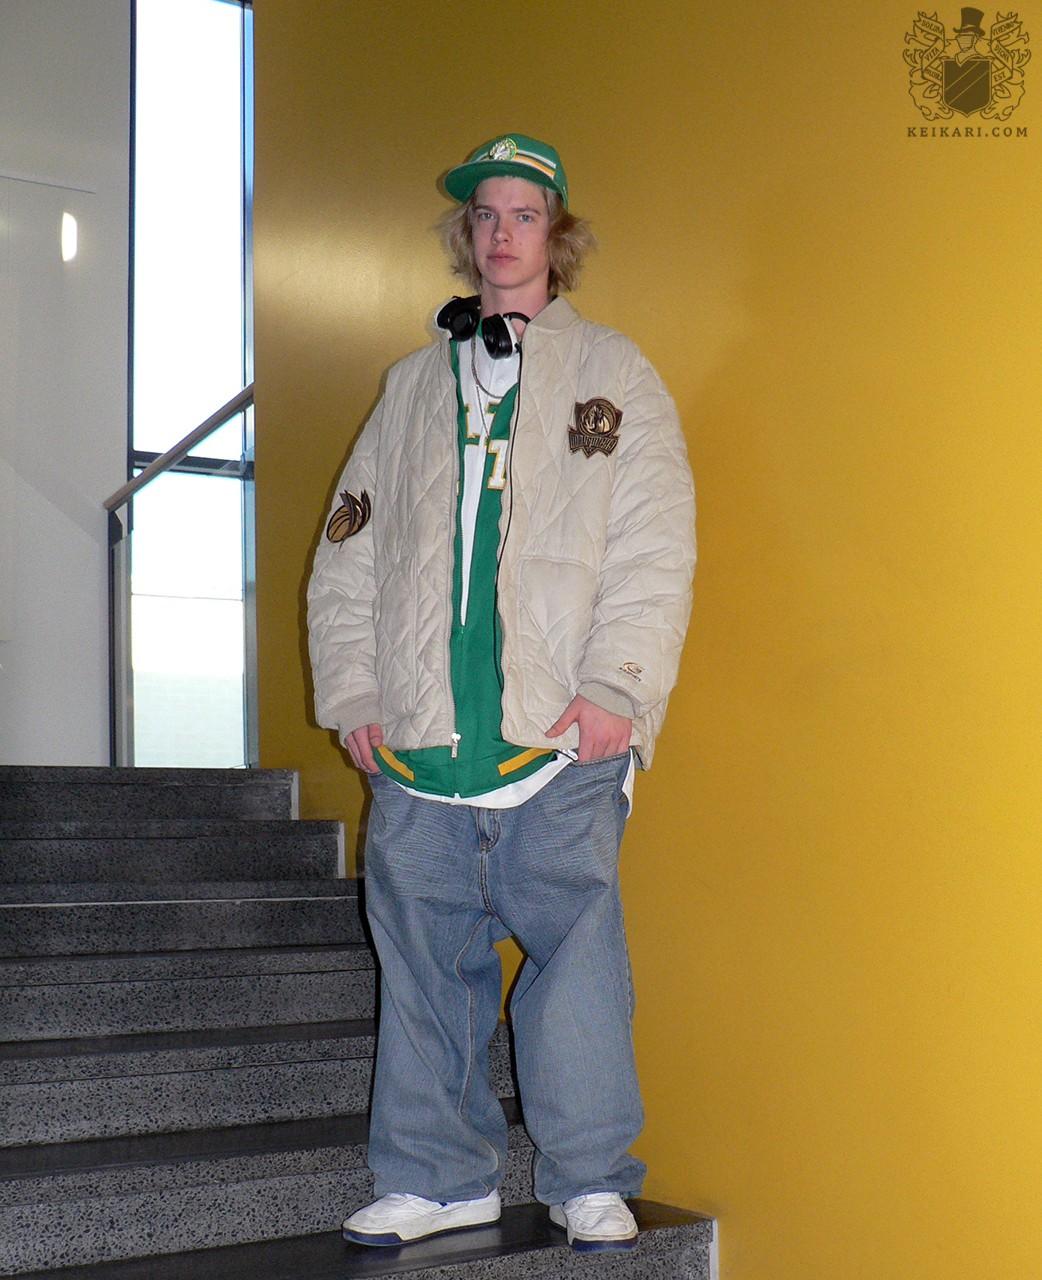 Tikkurilan_lukion_Tyylit_2005-näyttely_Peter